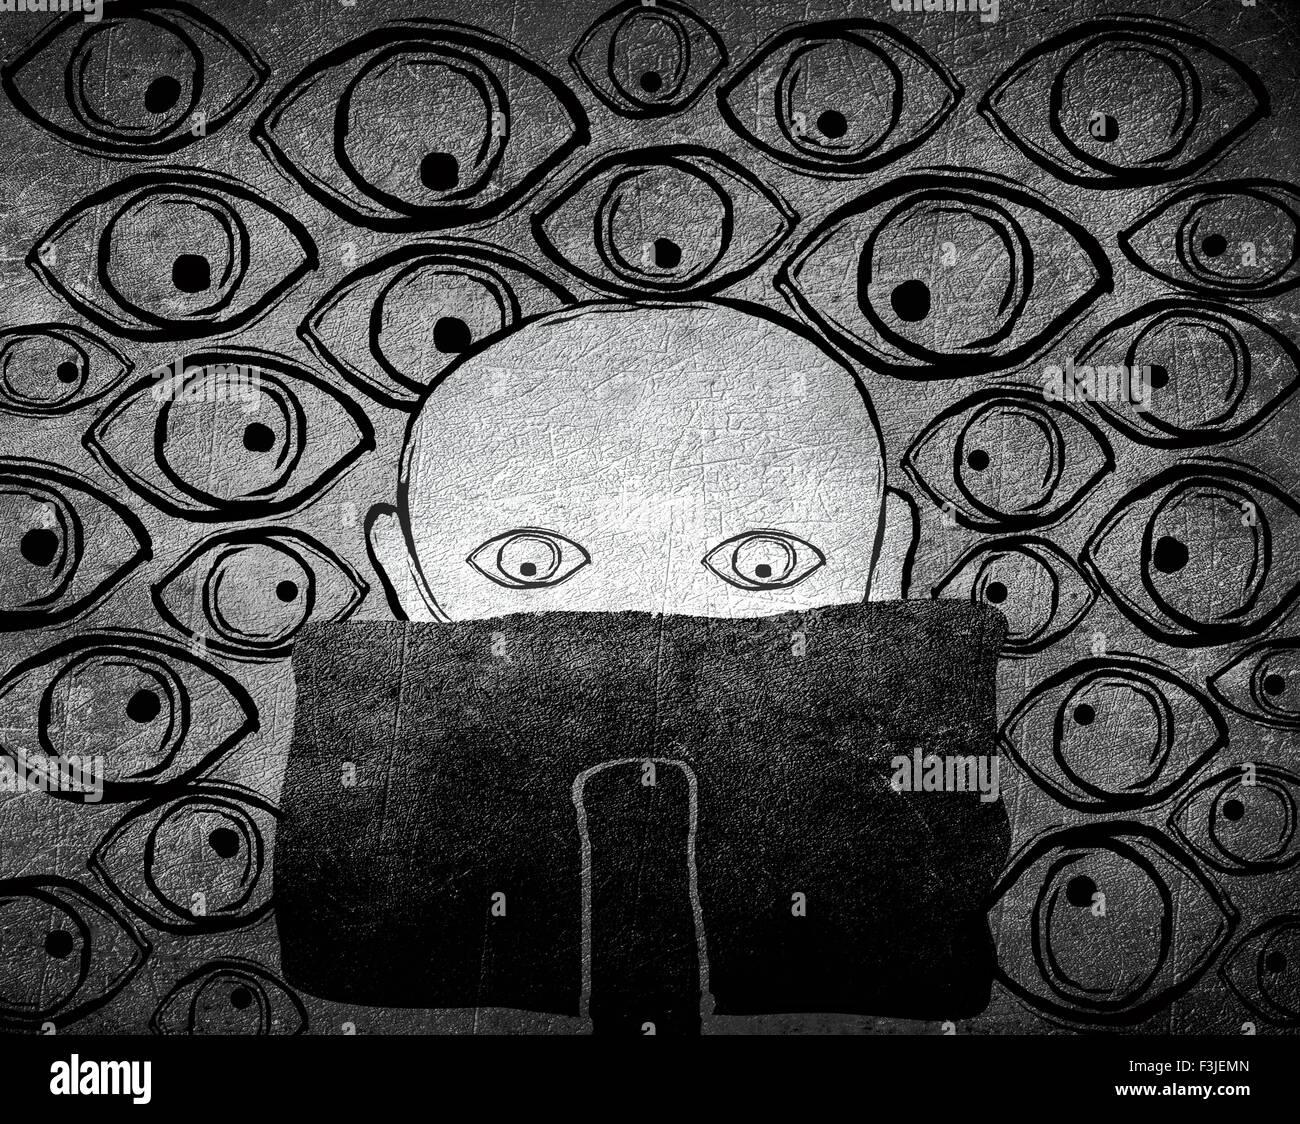 No hay privacidad concepto ilustración digital en blanco y negro Imagen De Stock